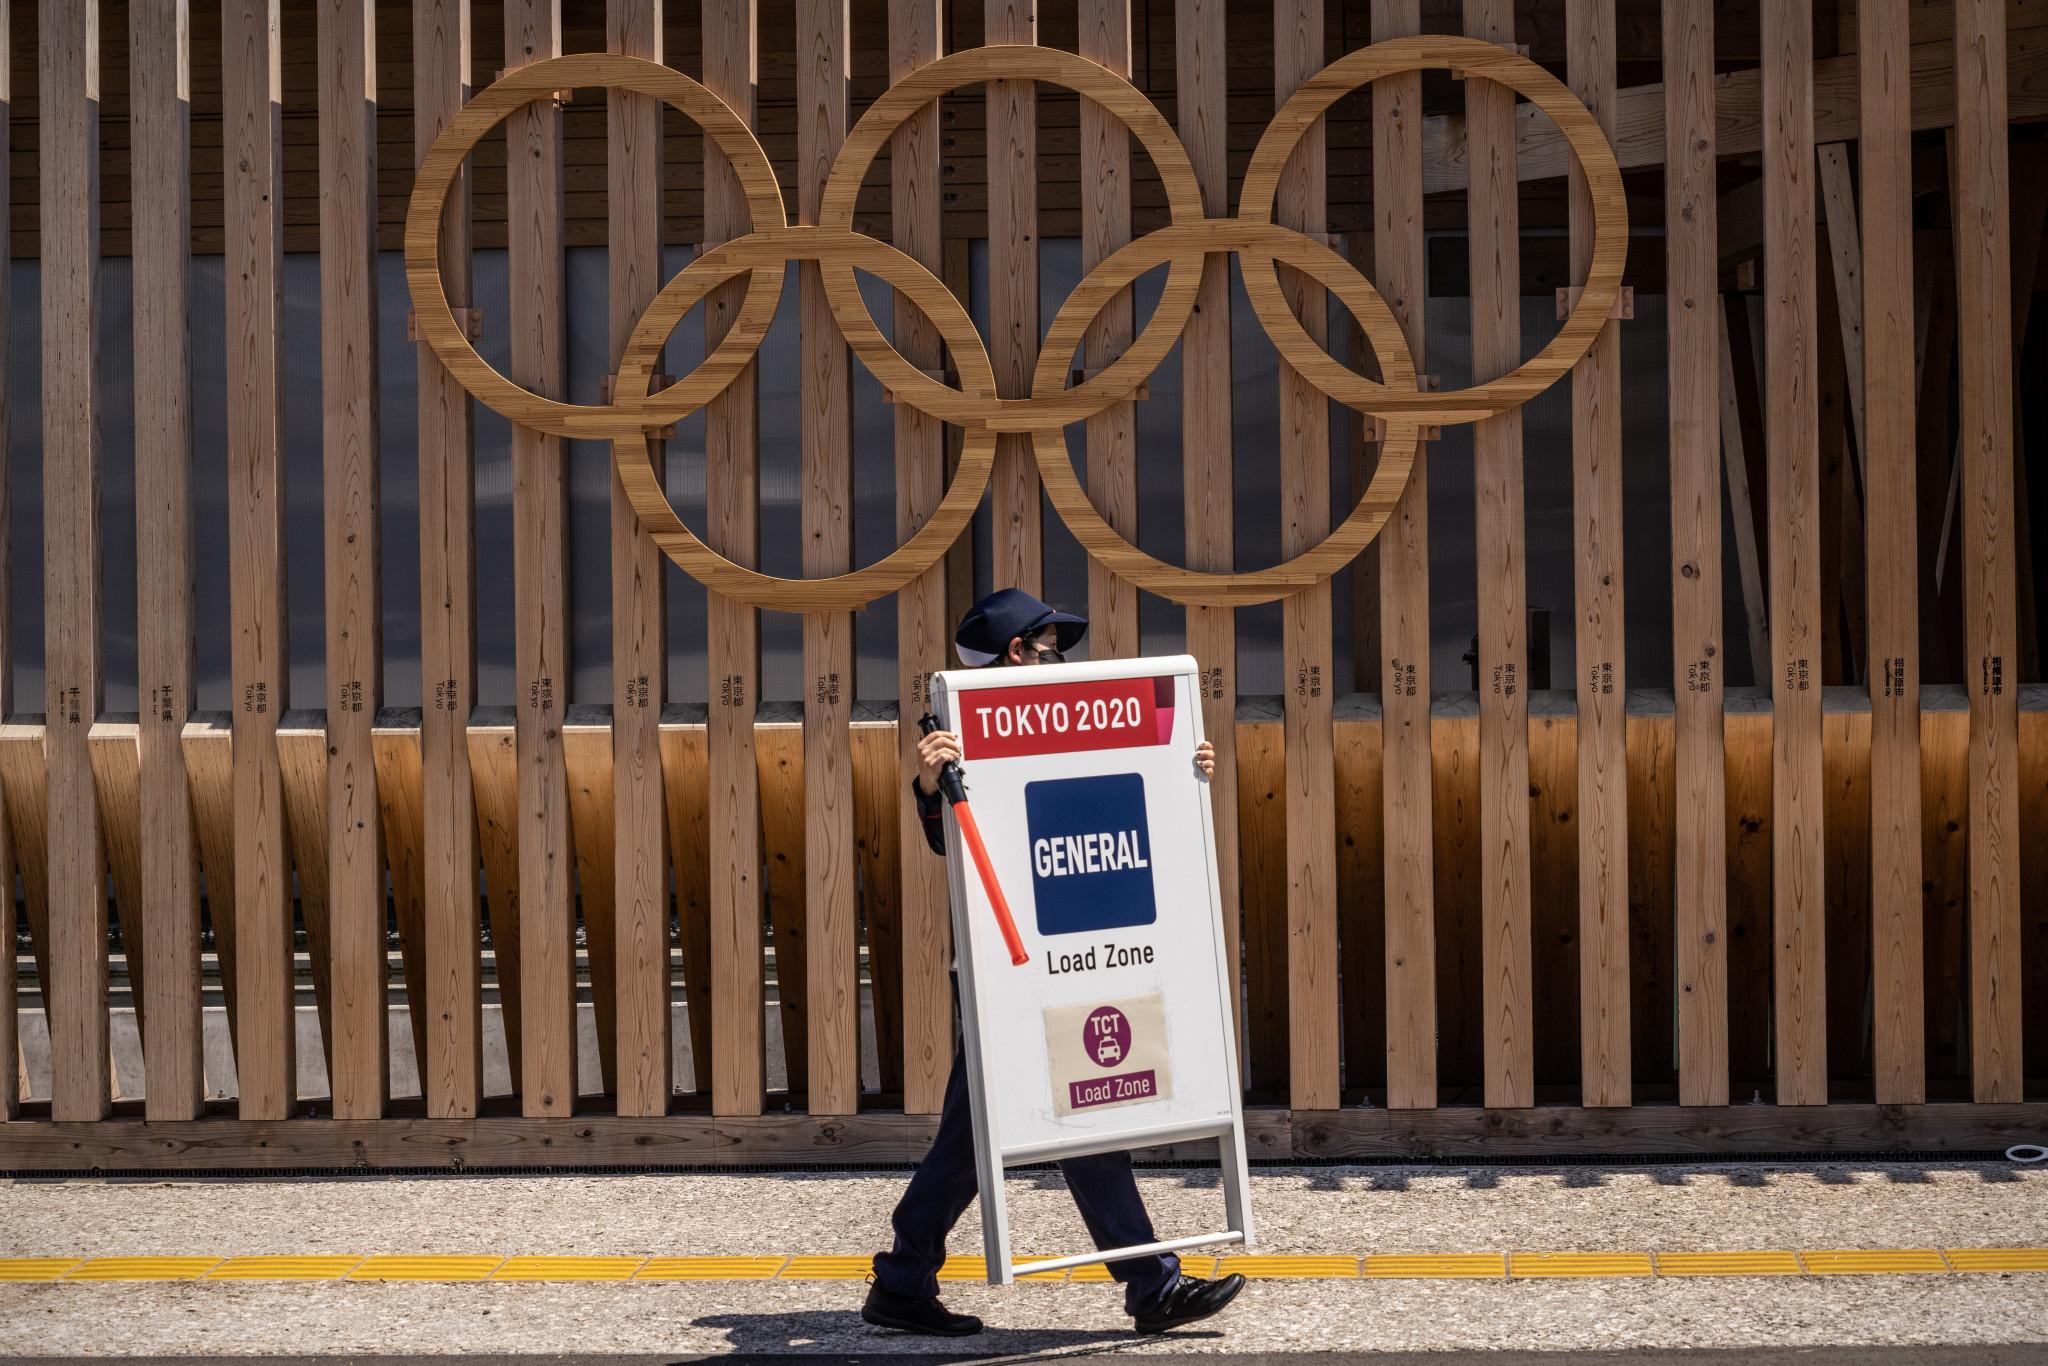 Athleten Deutschland behauptet, dass sich Athleten allein gelassen fühlen, wenn sie in einem Hotel unter Quarantäne gestellt werden © Getty Images